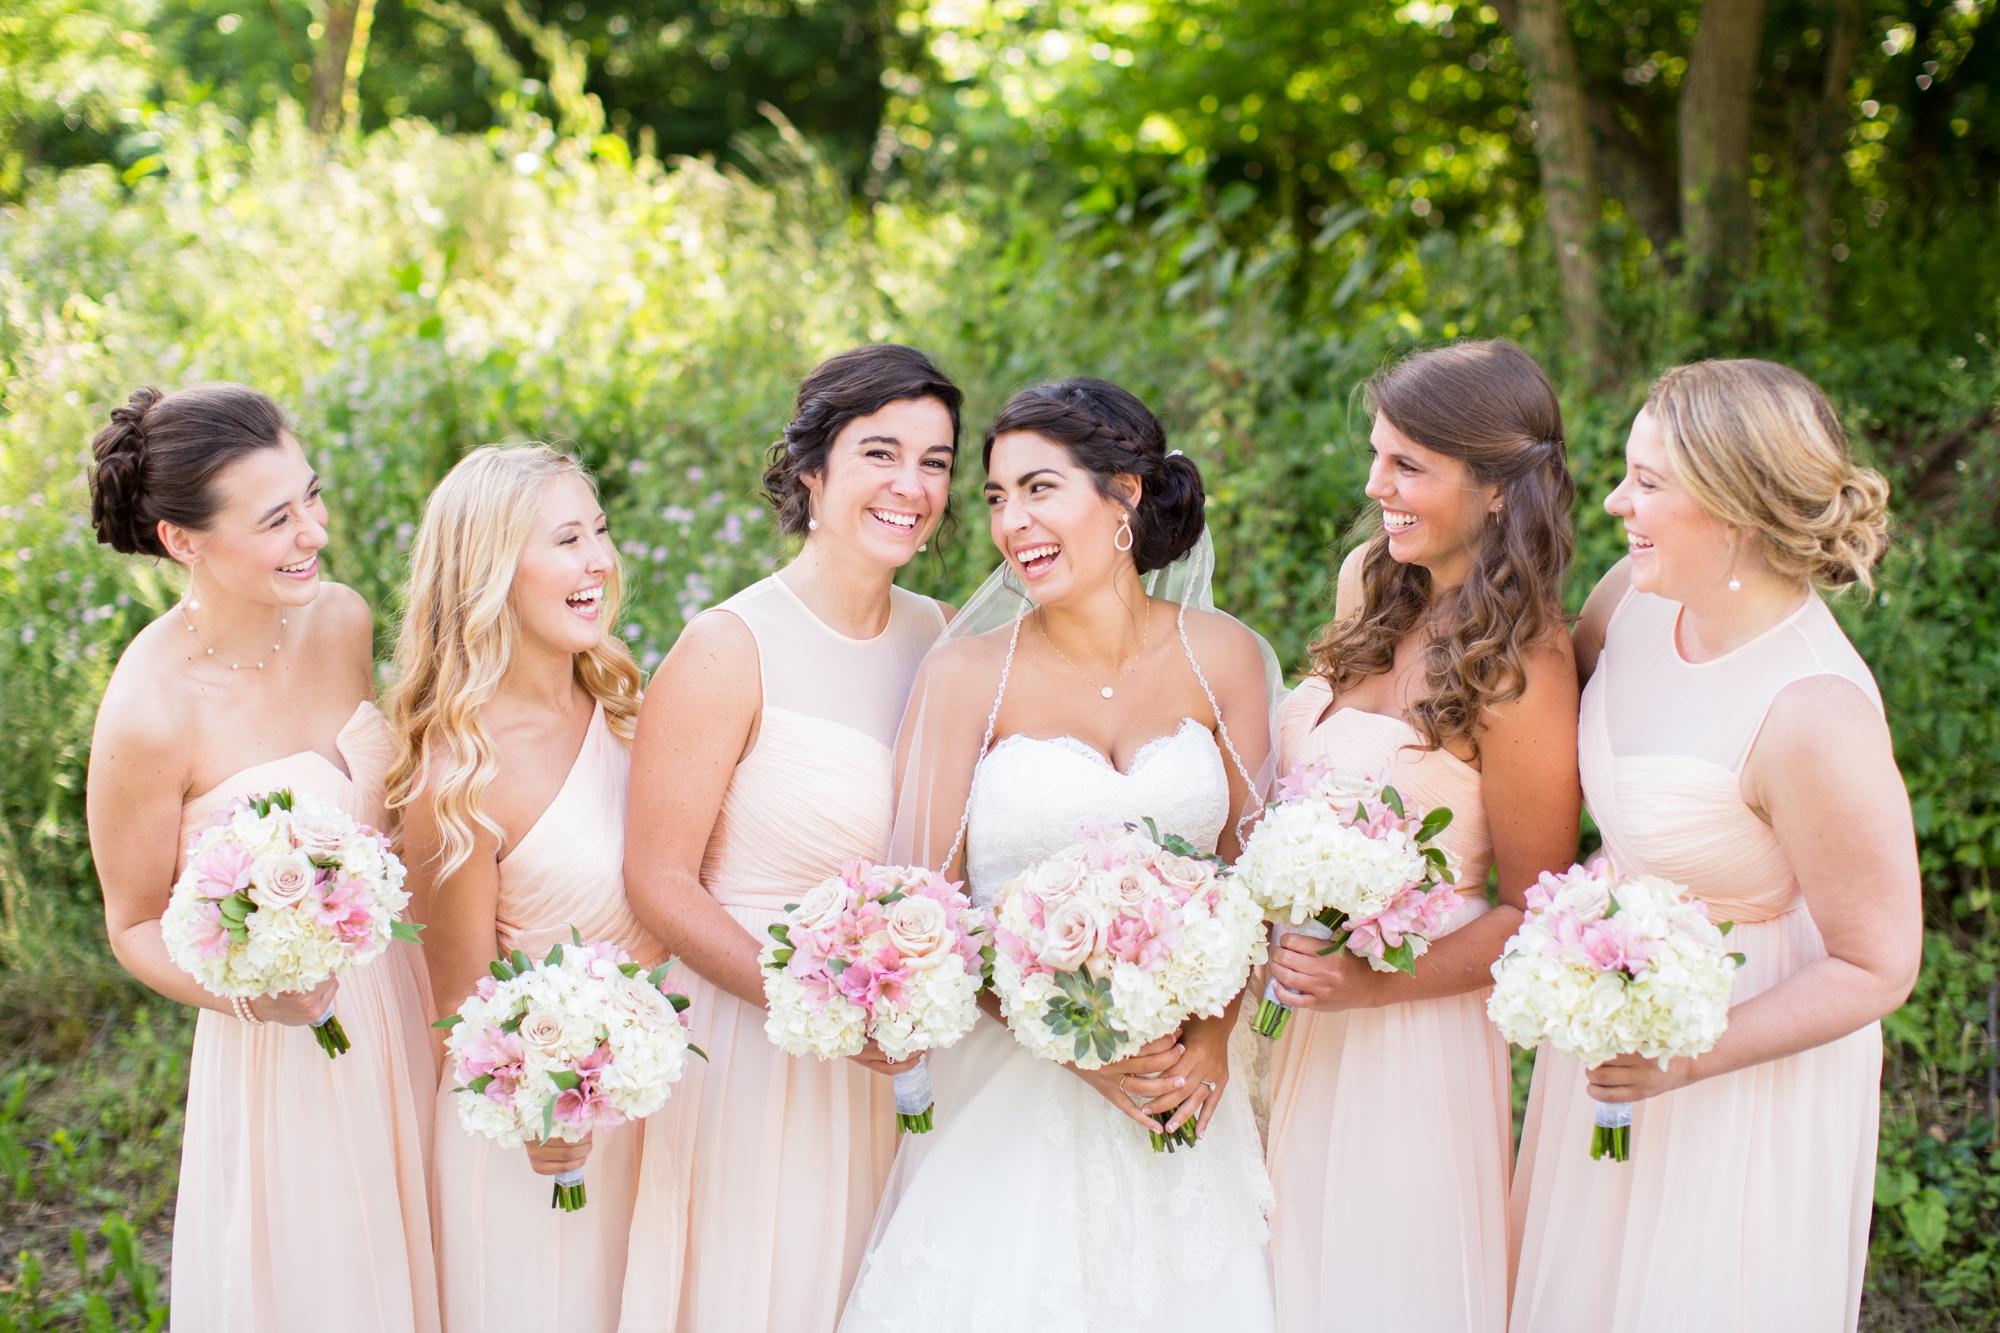 2-Mann Wedding Bridal Party-108.jpg